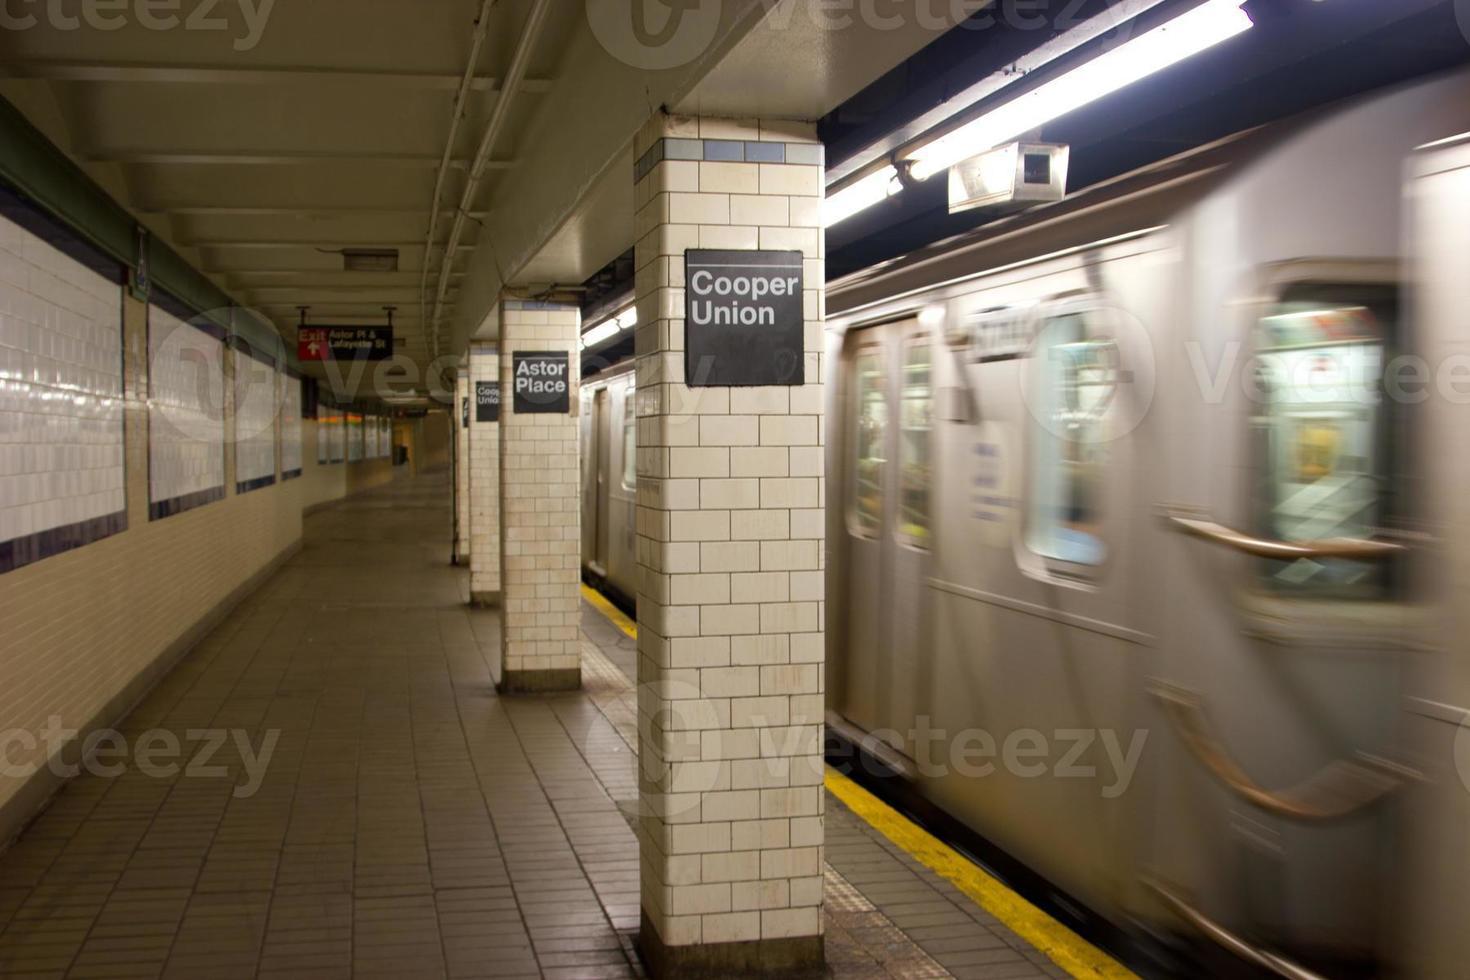 Cooper Union y la estación de metro Astor Place, Nueva York foto